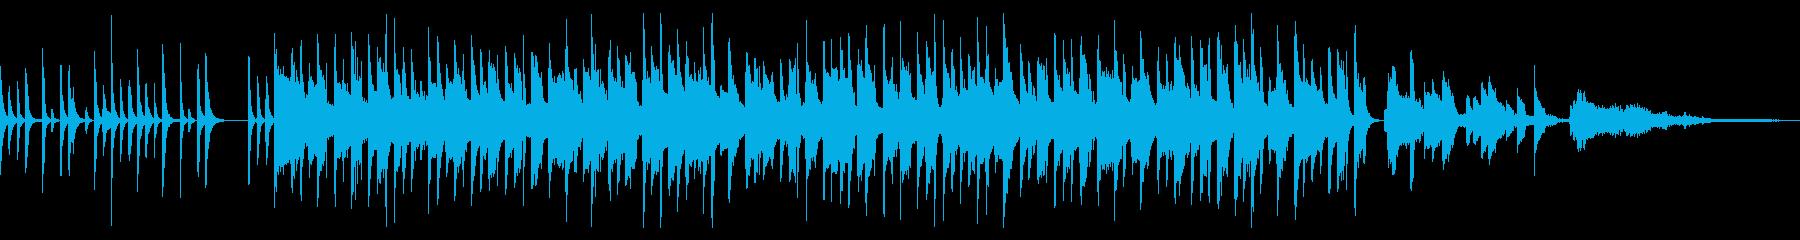 ガットギターを使った明るいボサノバBGMの再生済みの波形